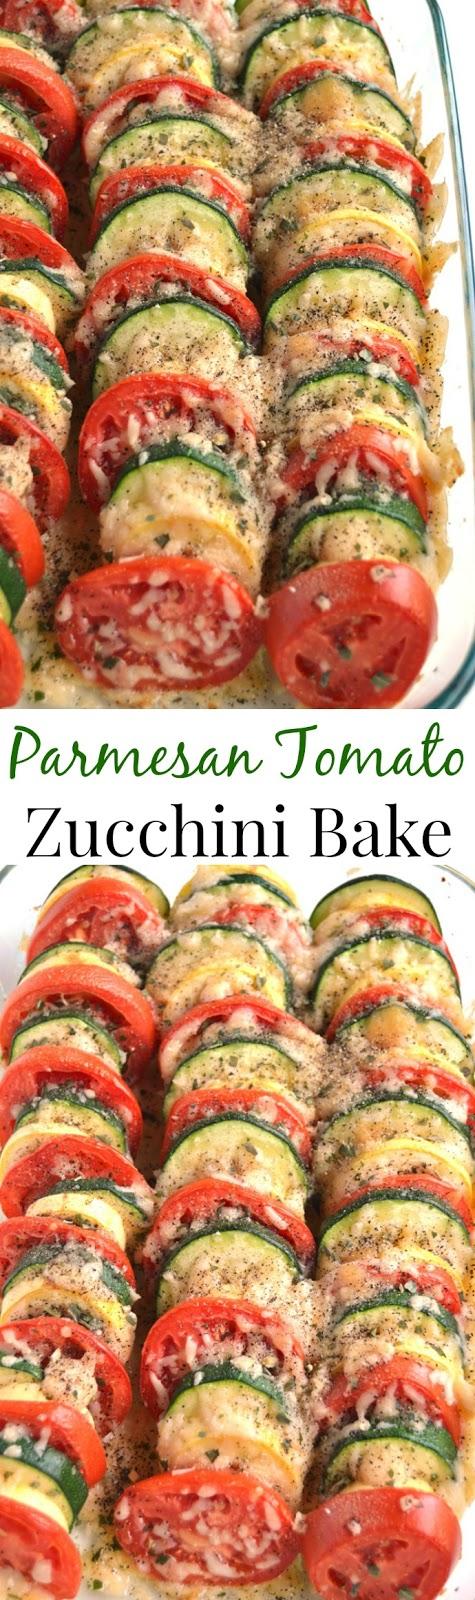 Amazing Parmesan Tomato Zucchini Bake